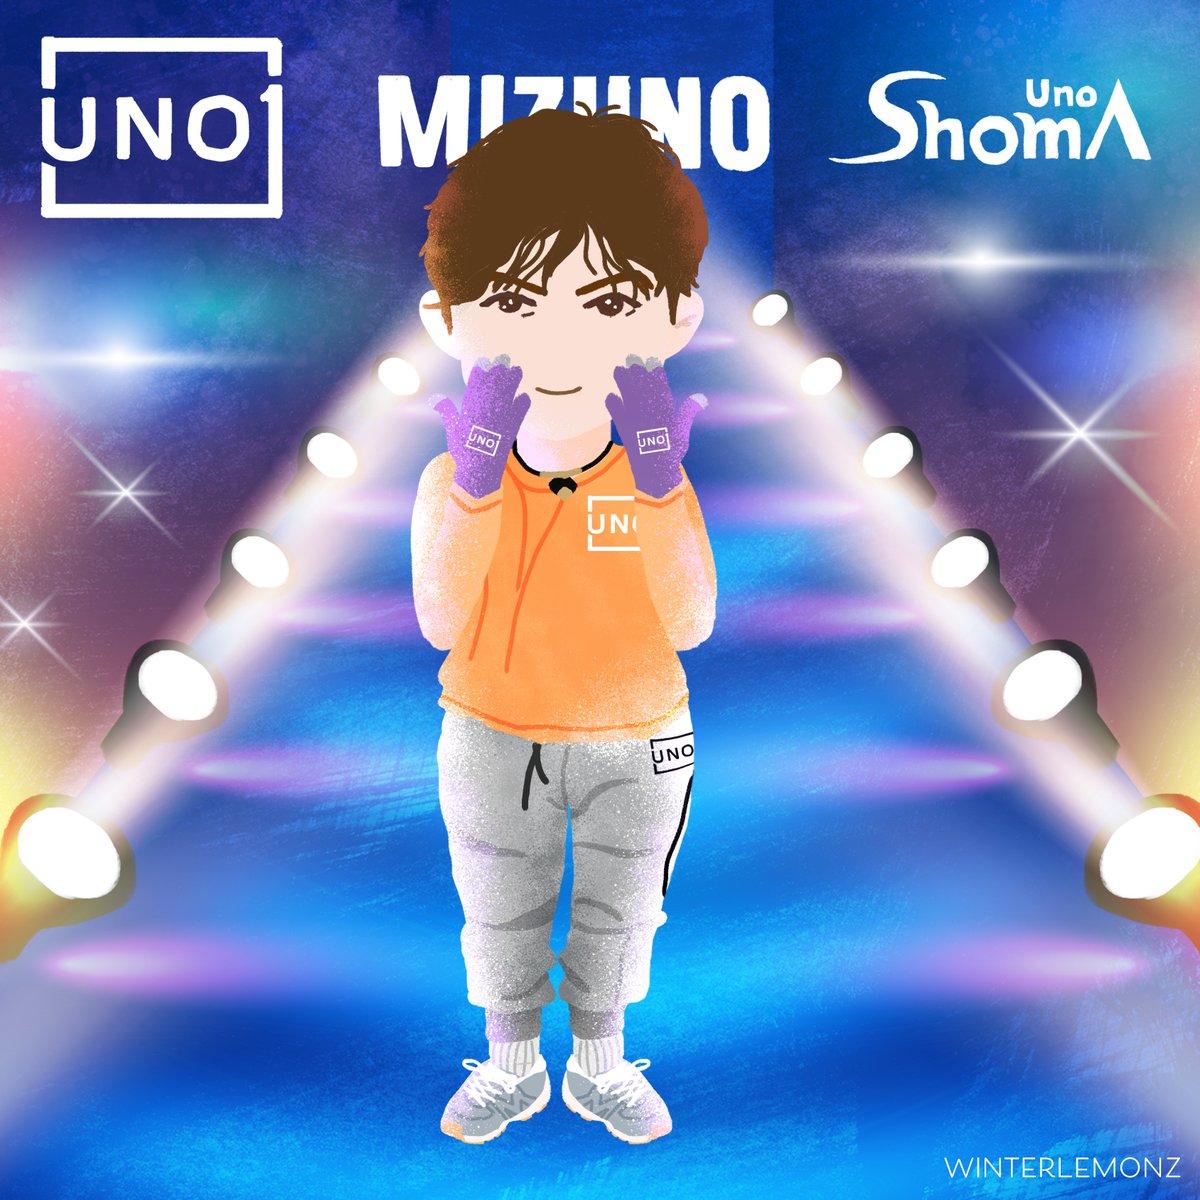 The new items added   #宇野昌磨 #shomauno #MIZUNO pic.twitter.com/YDHAphKyrw